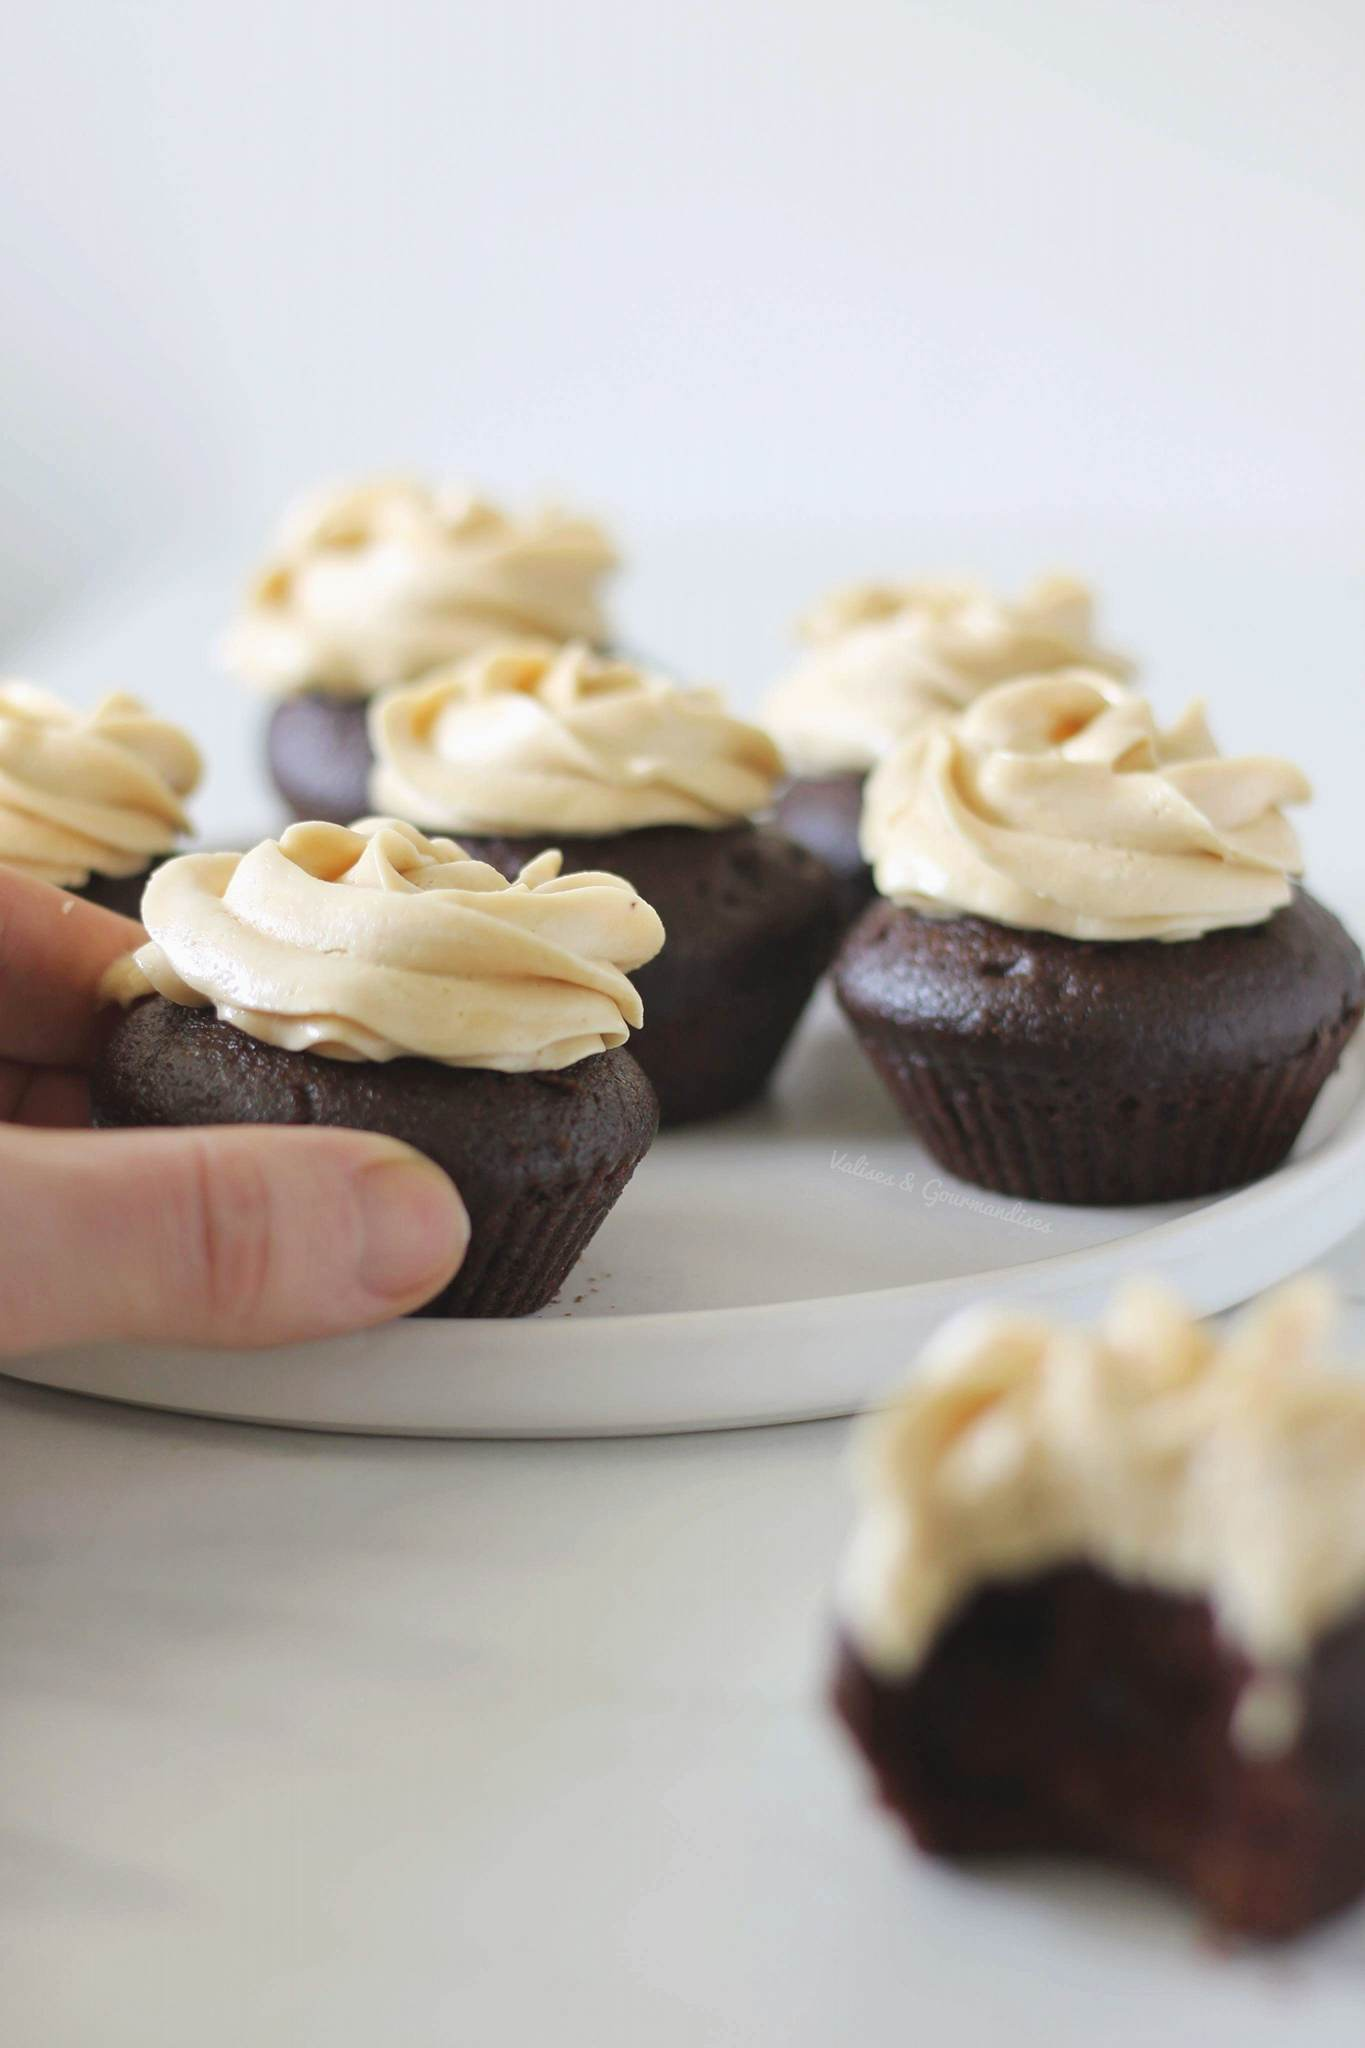 cupcakes au chocolat vegan et gla age au beurre d arachide valises gourmandises. Black Bedroom Furniture Sets. Home Design Ideas